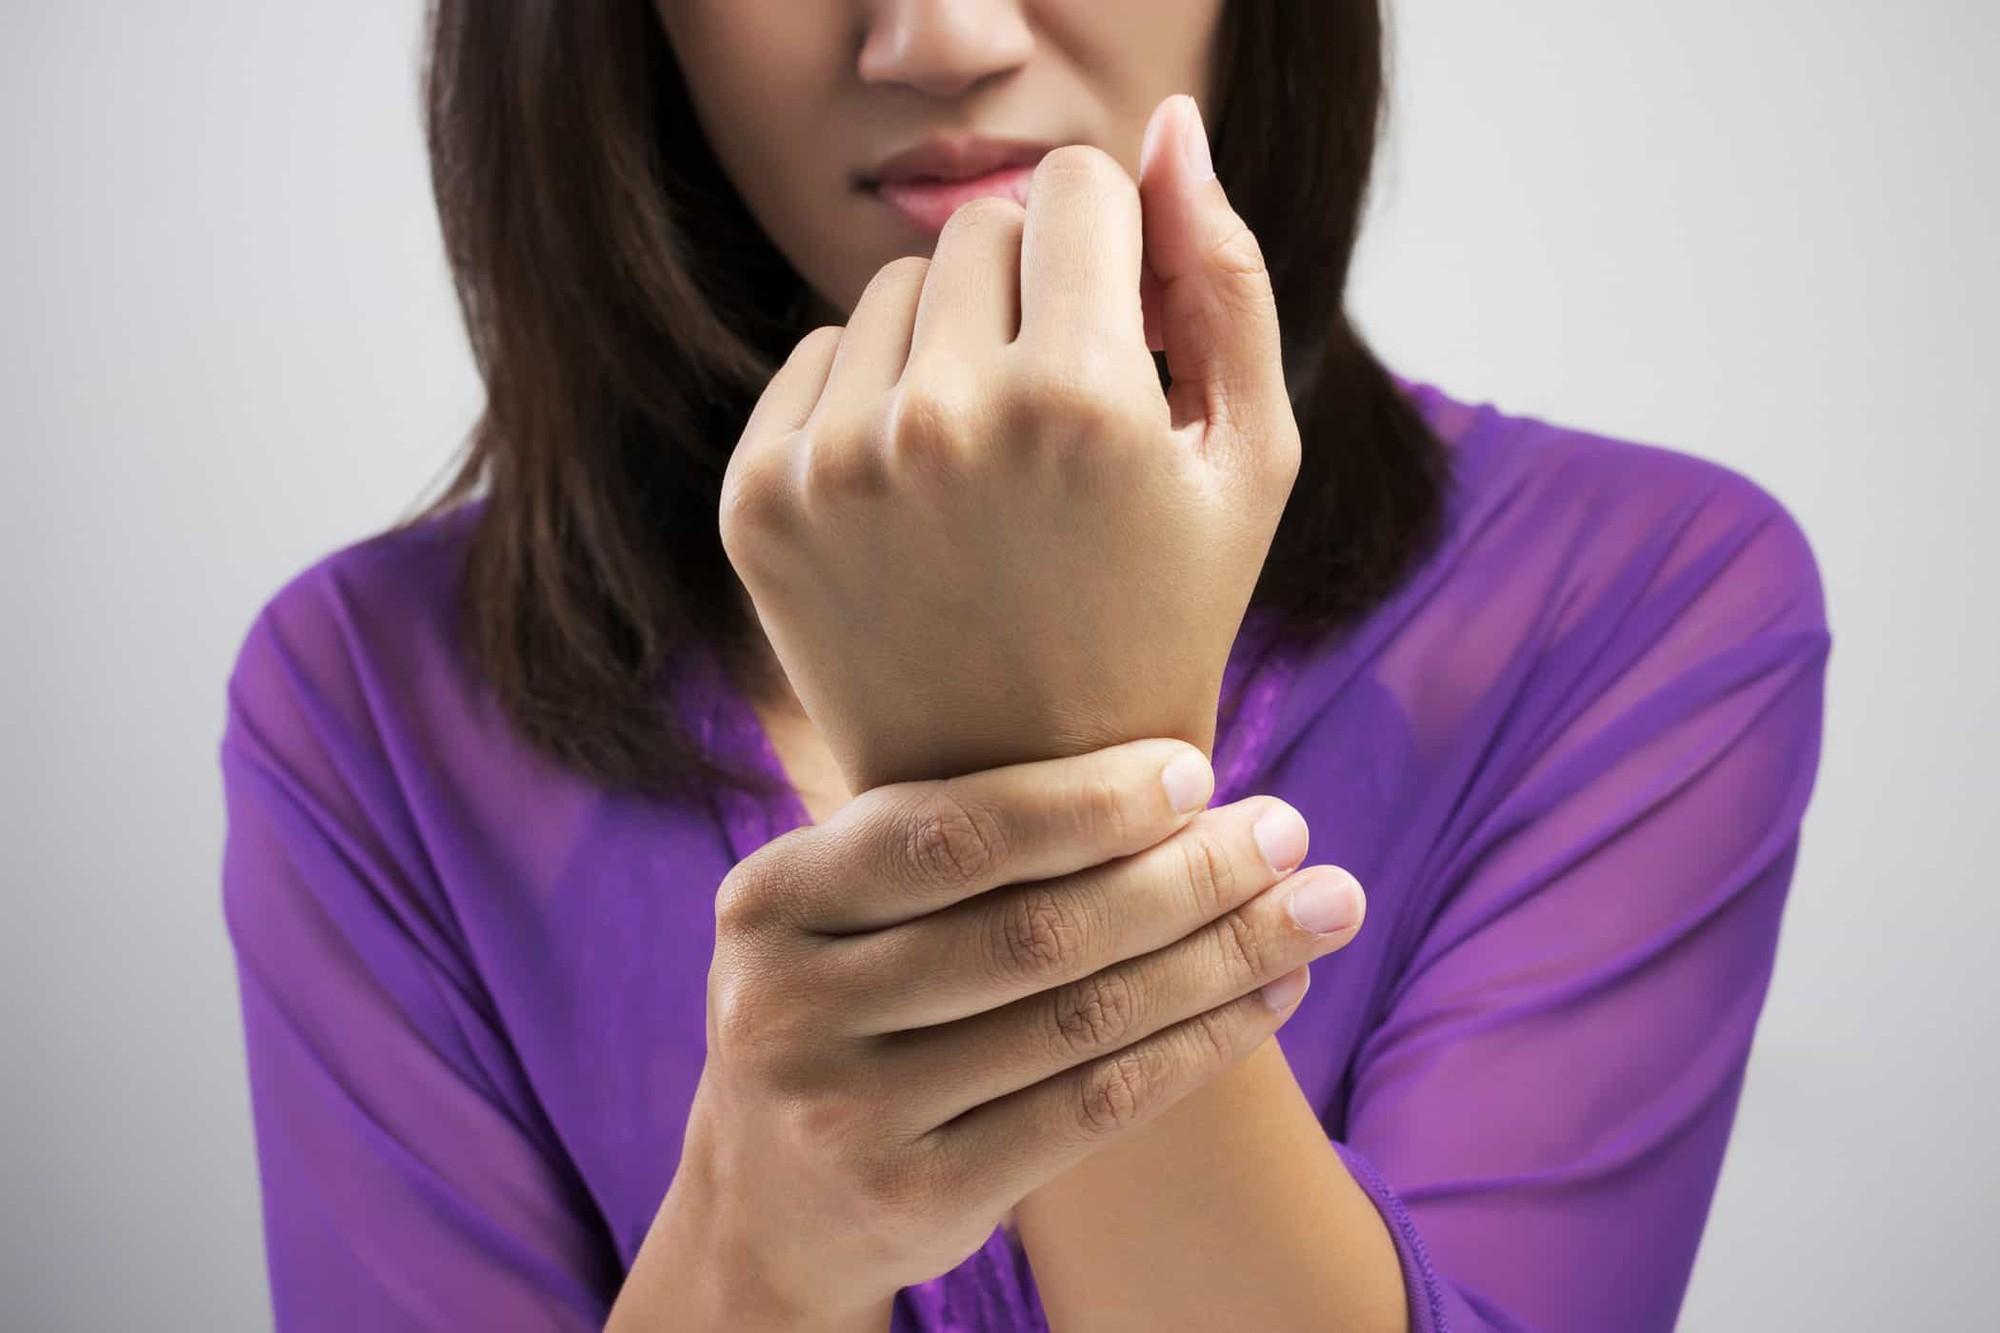 Phân biệt bong gân cổ tay và gãy xương cổ tay để xác định cần phải nhập viện hay không chính xác nhất! - Ảnh 4.